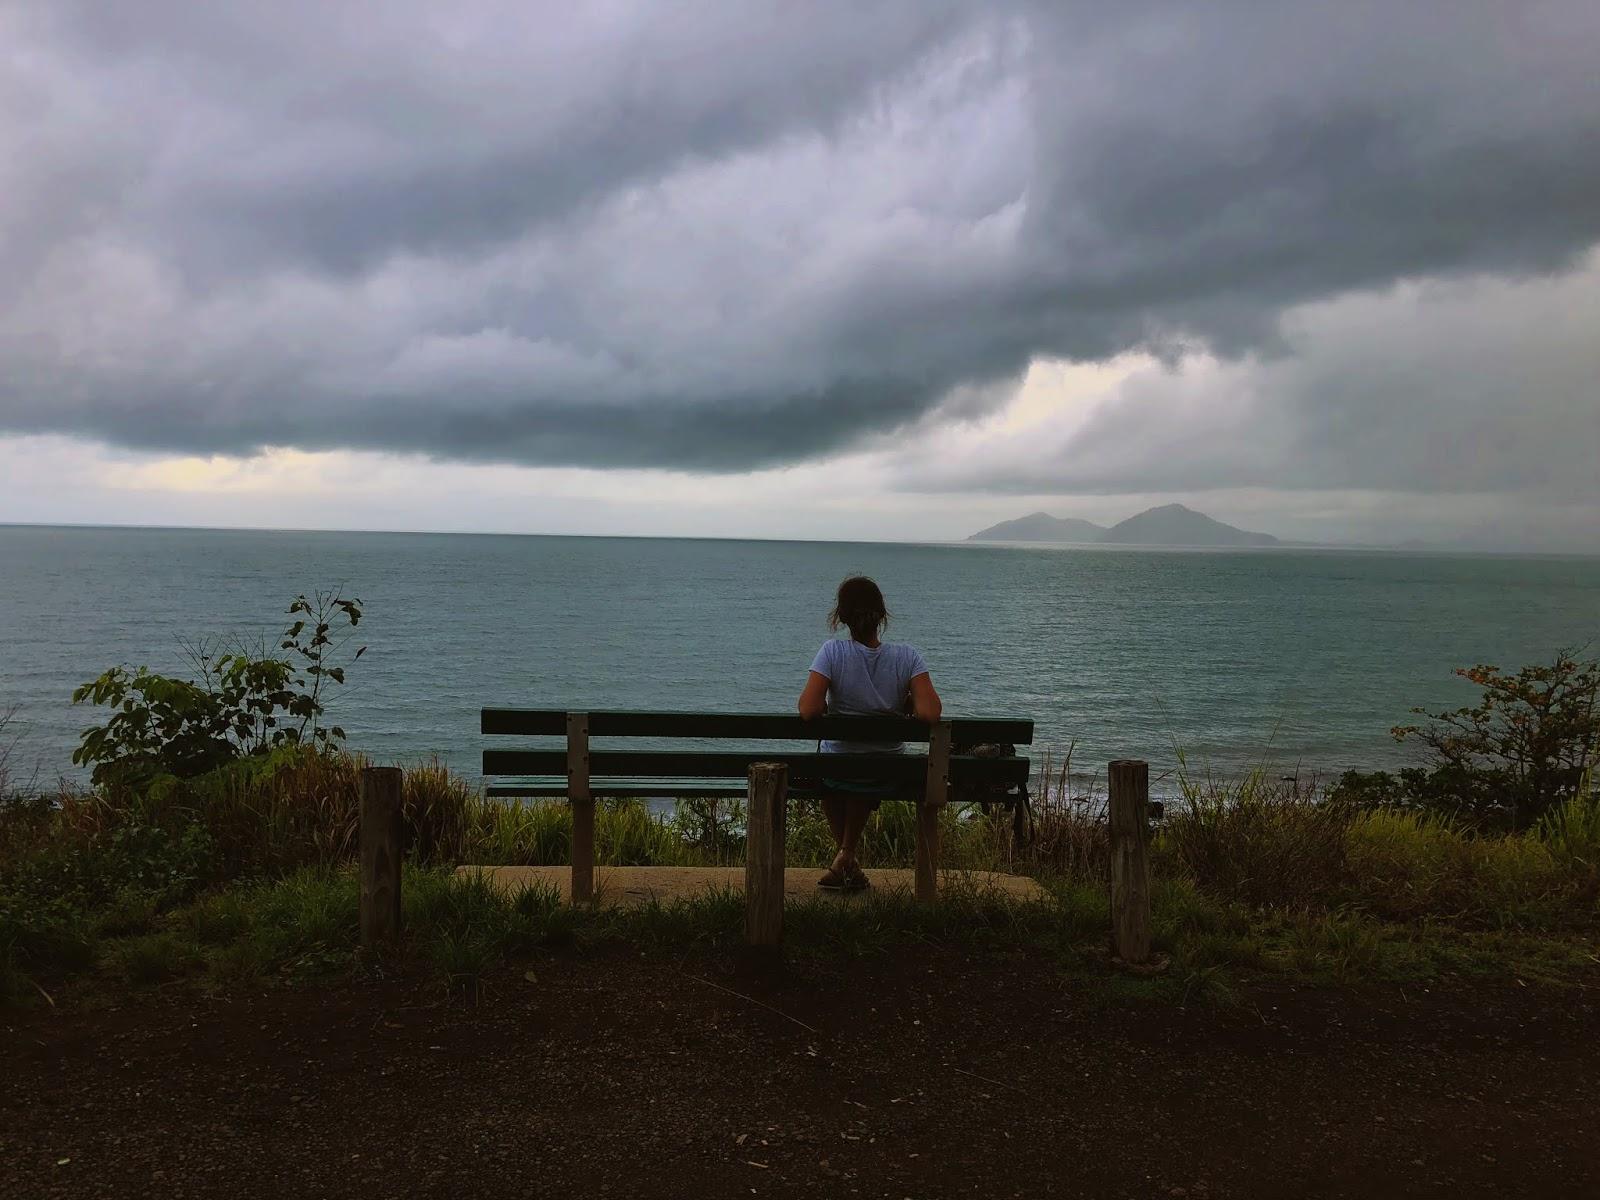 Punkt widokowy w australijskim miasteczku Mission Beach. Widok na małą wyspę znajdującą się w oddali na Morzu Koralowym. Na środku stoi ławka, na której siedzi podróżniczka i wpatruje się w horyzont.